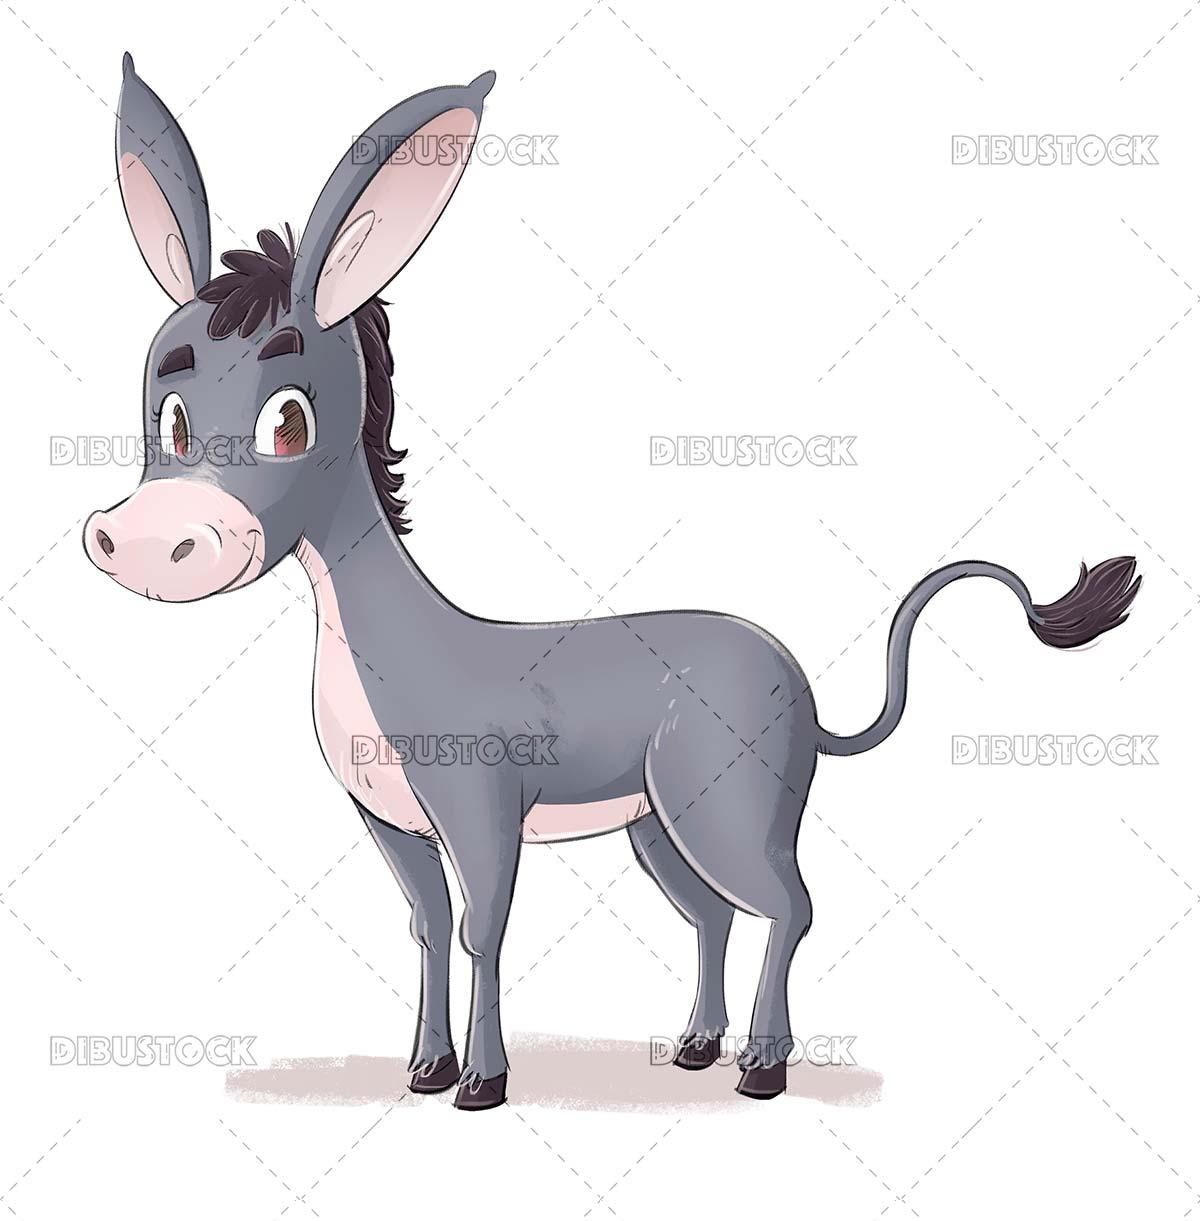 Gray donkey illustration